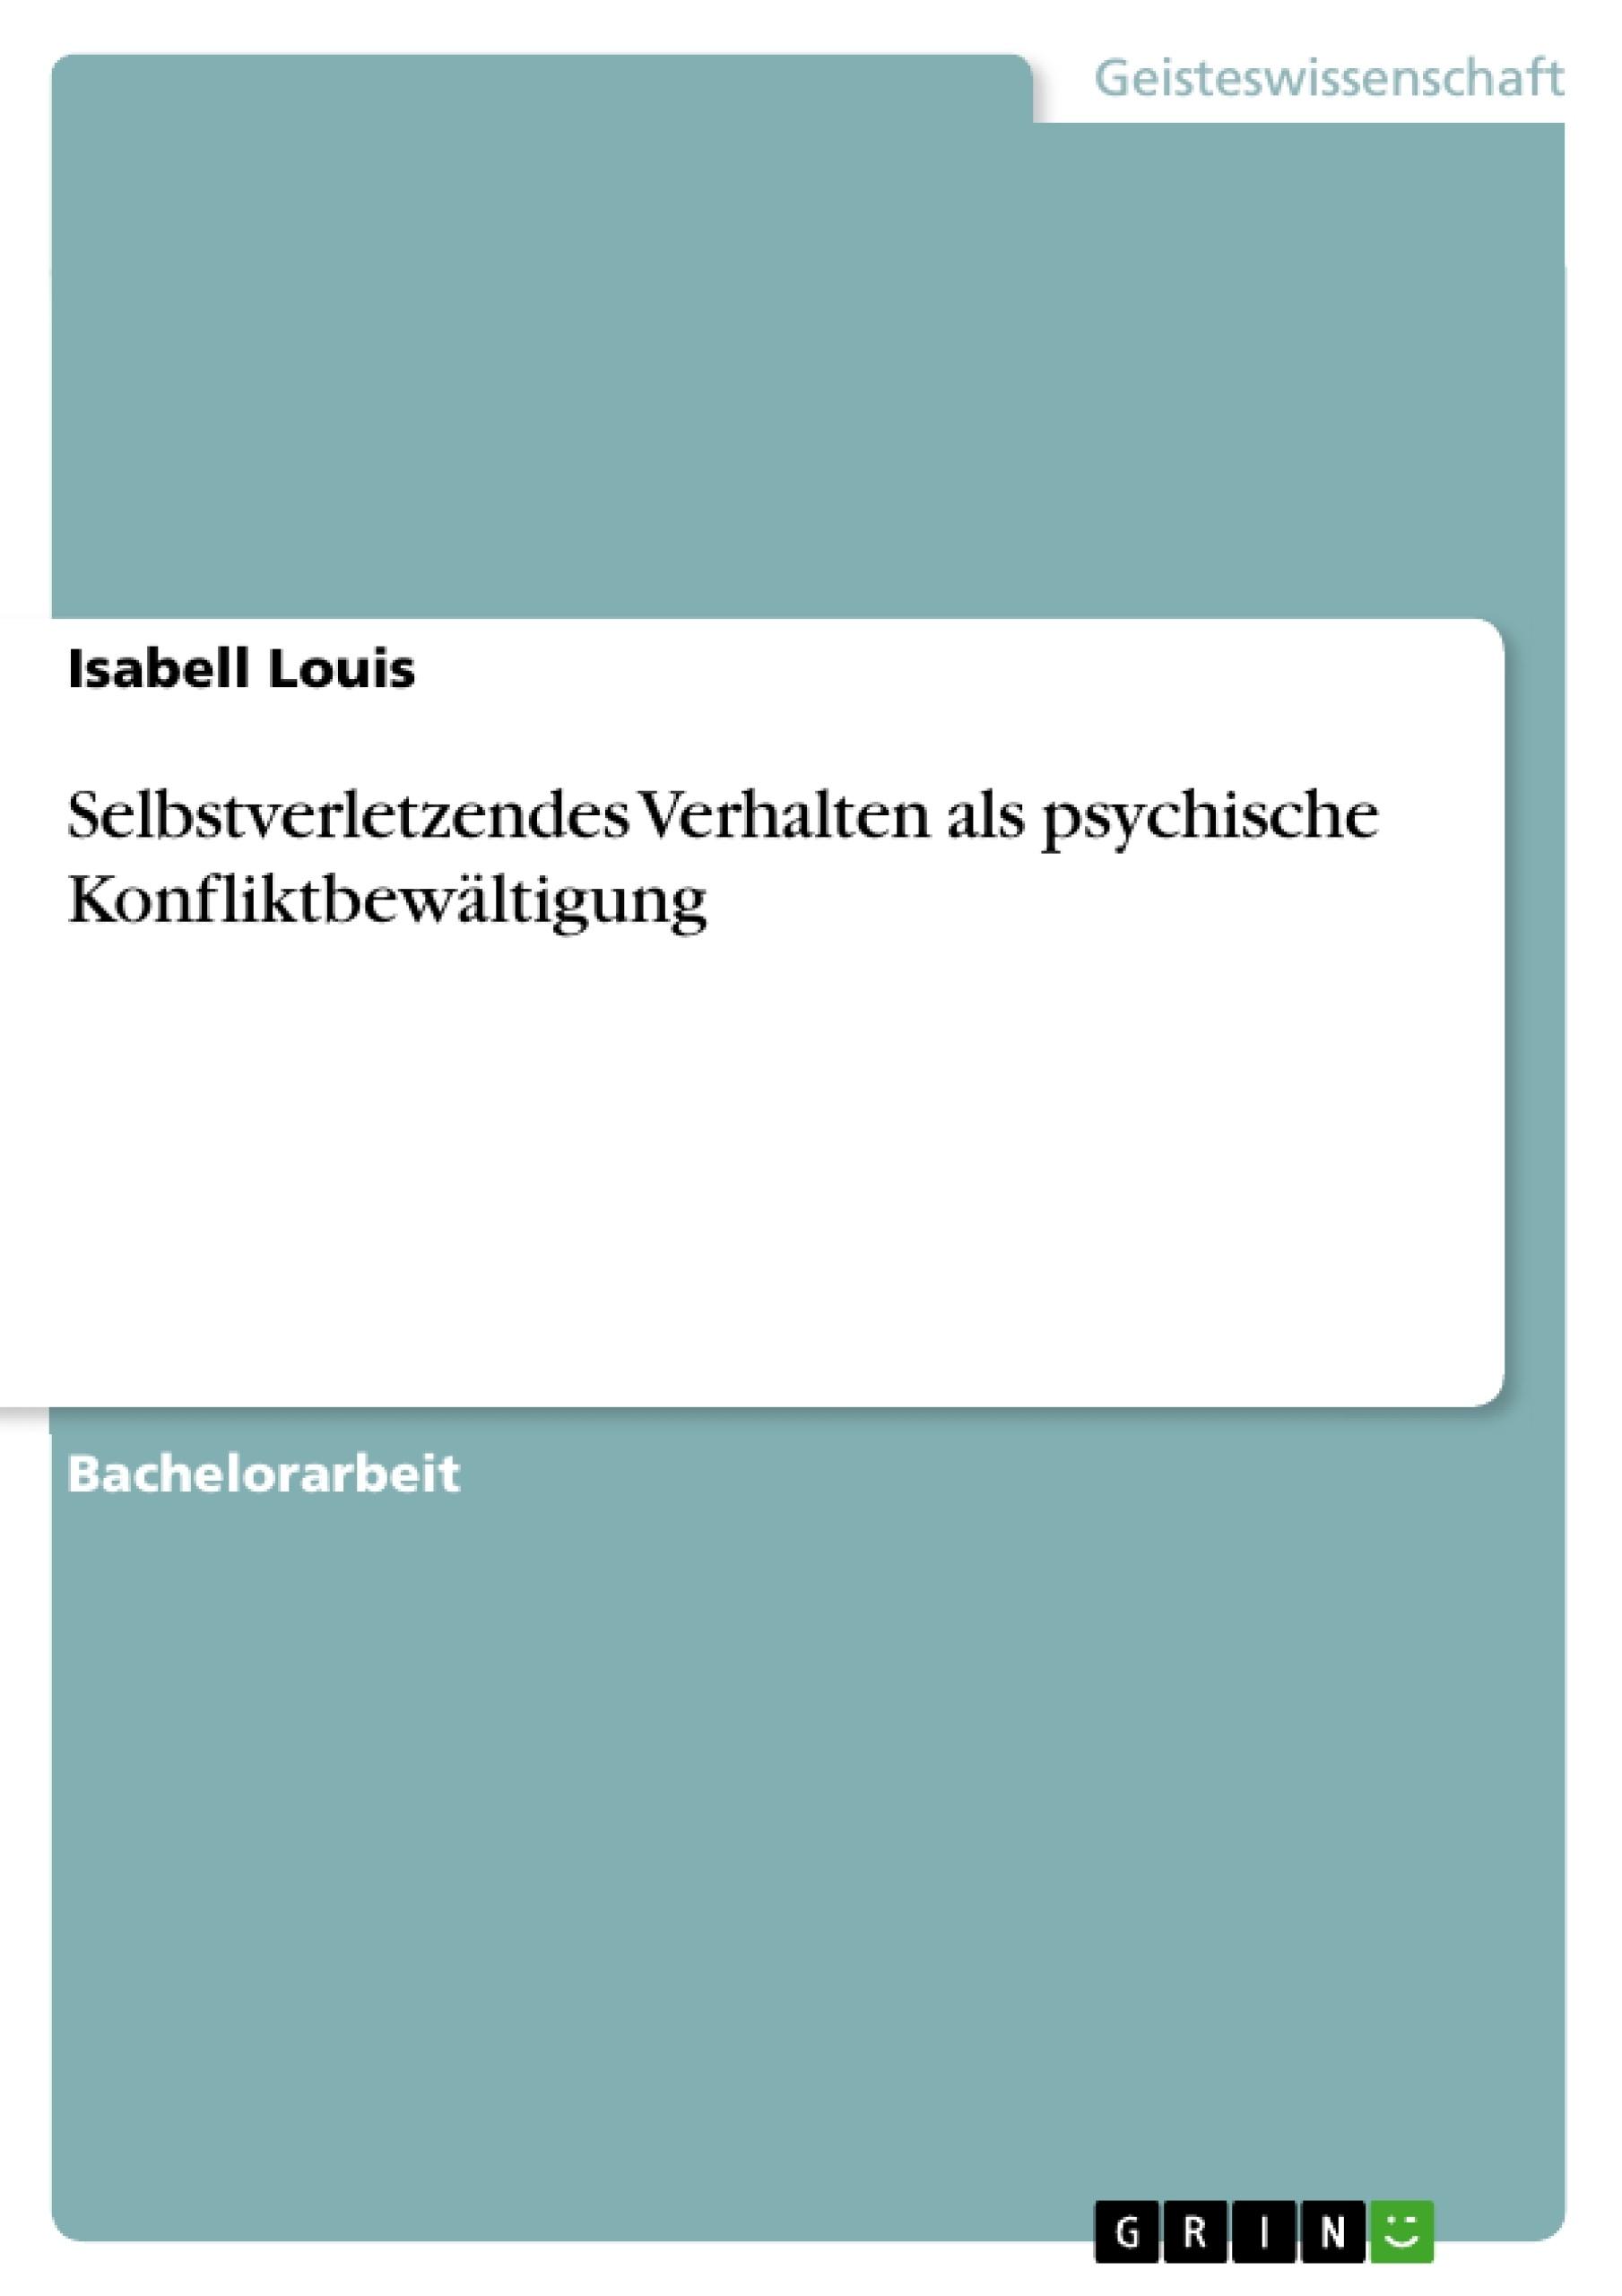 Titel: Selbstverletzendes Verhalten als psychische Konfliktbewältigung